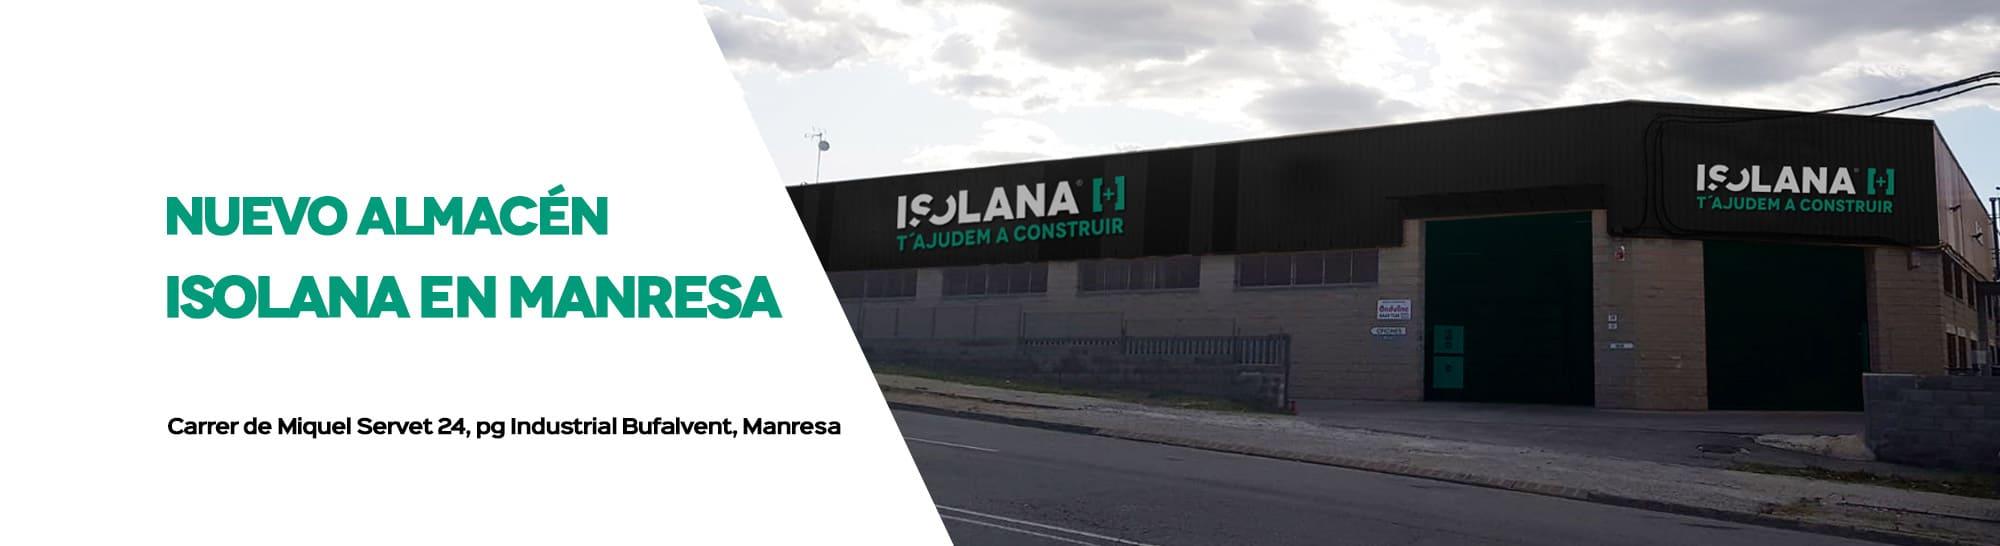 Isolana-Manresa-slide